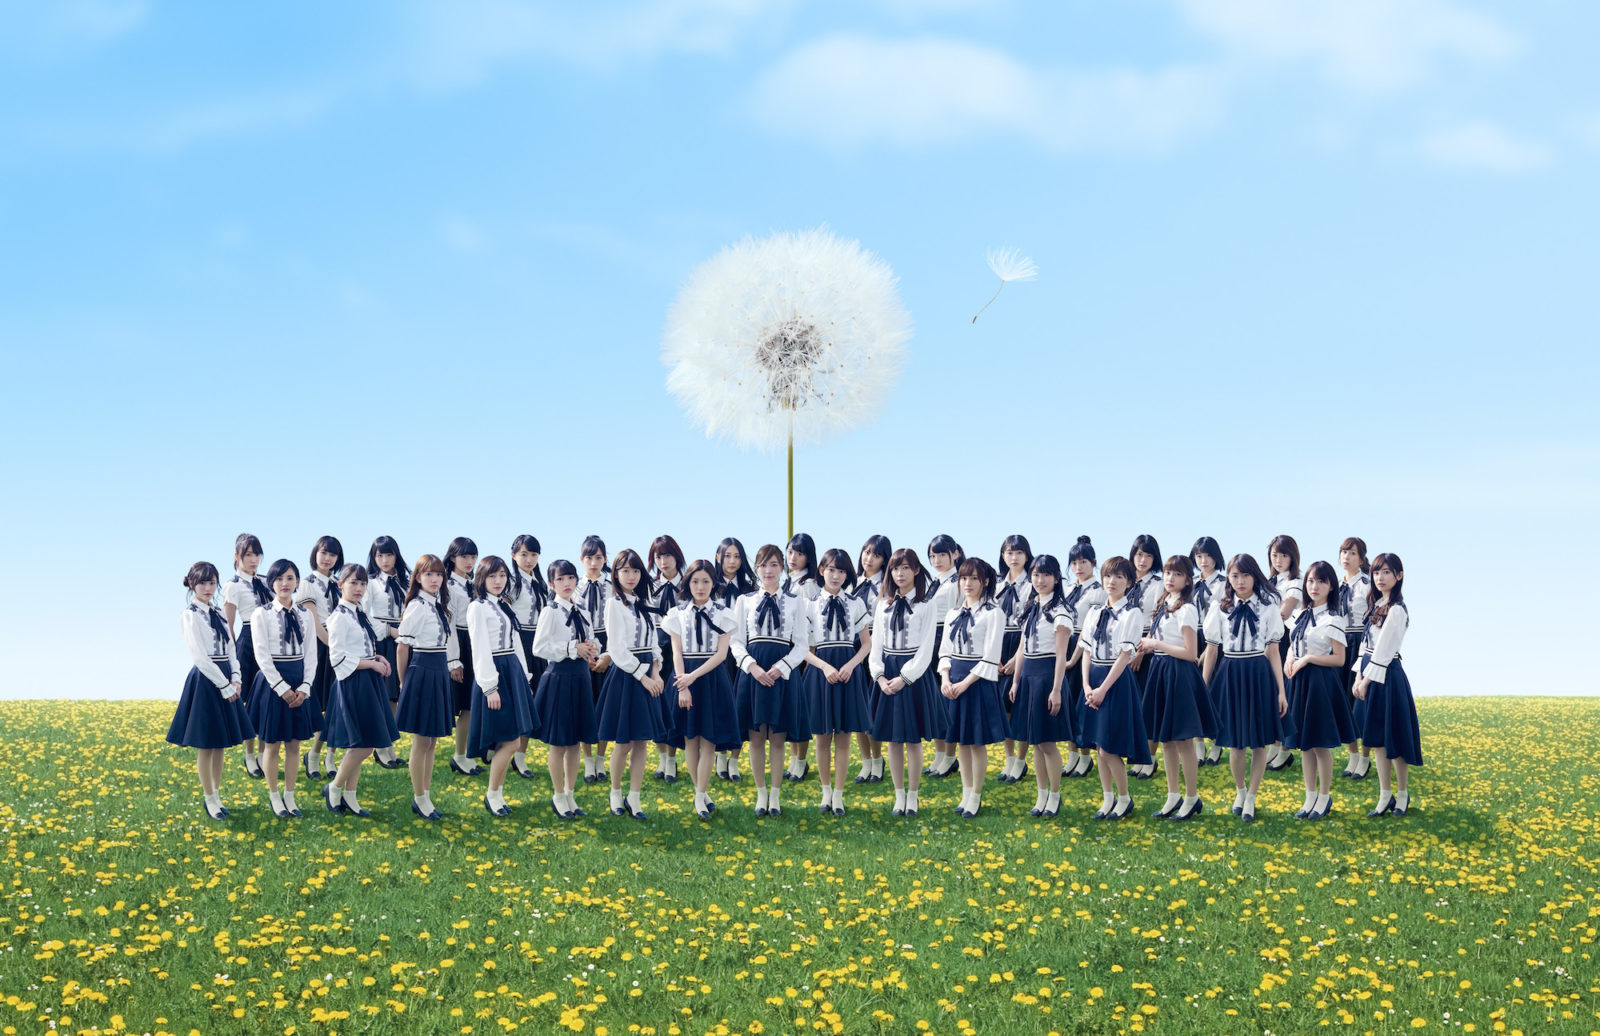 AKB48現役メンバーが卒業生の近況を報告。焼肉店で「店員さんだった」サムネイル画像